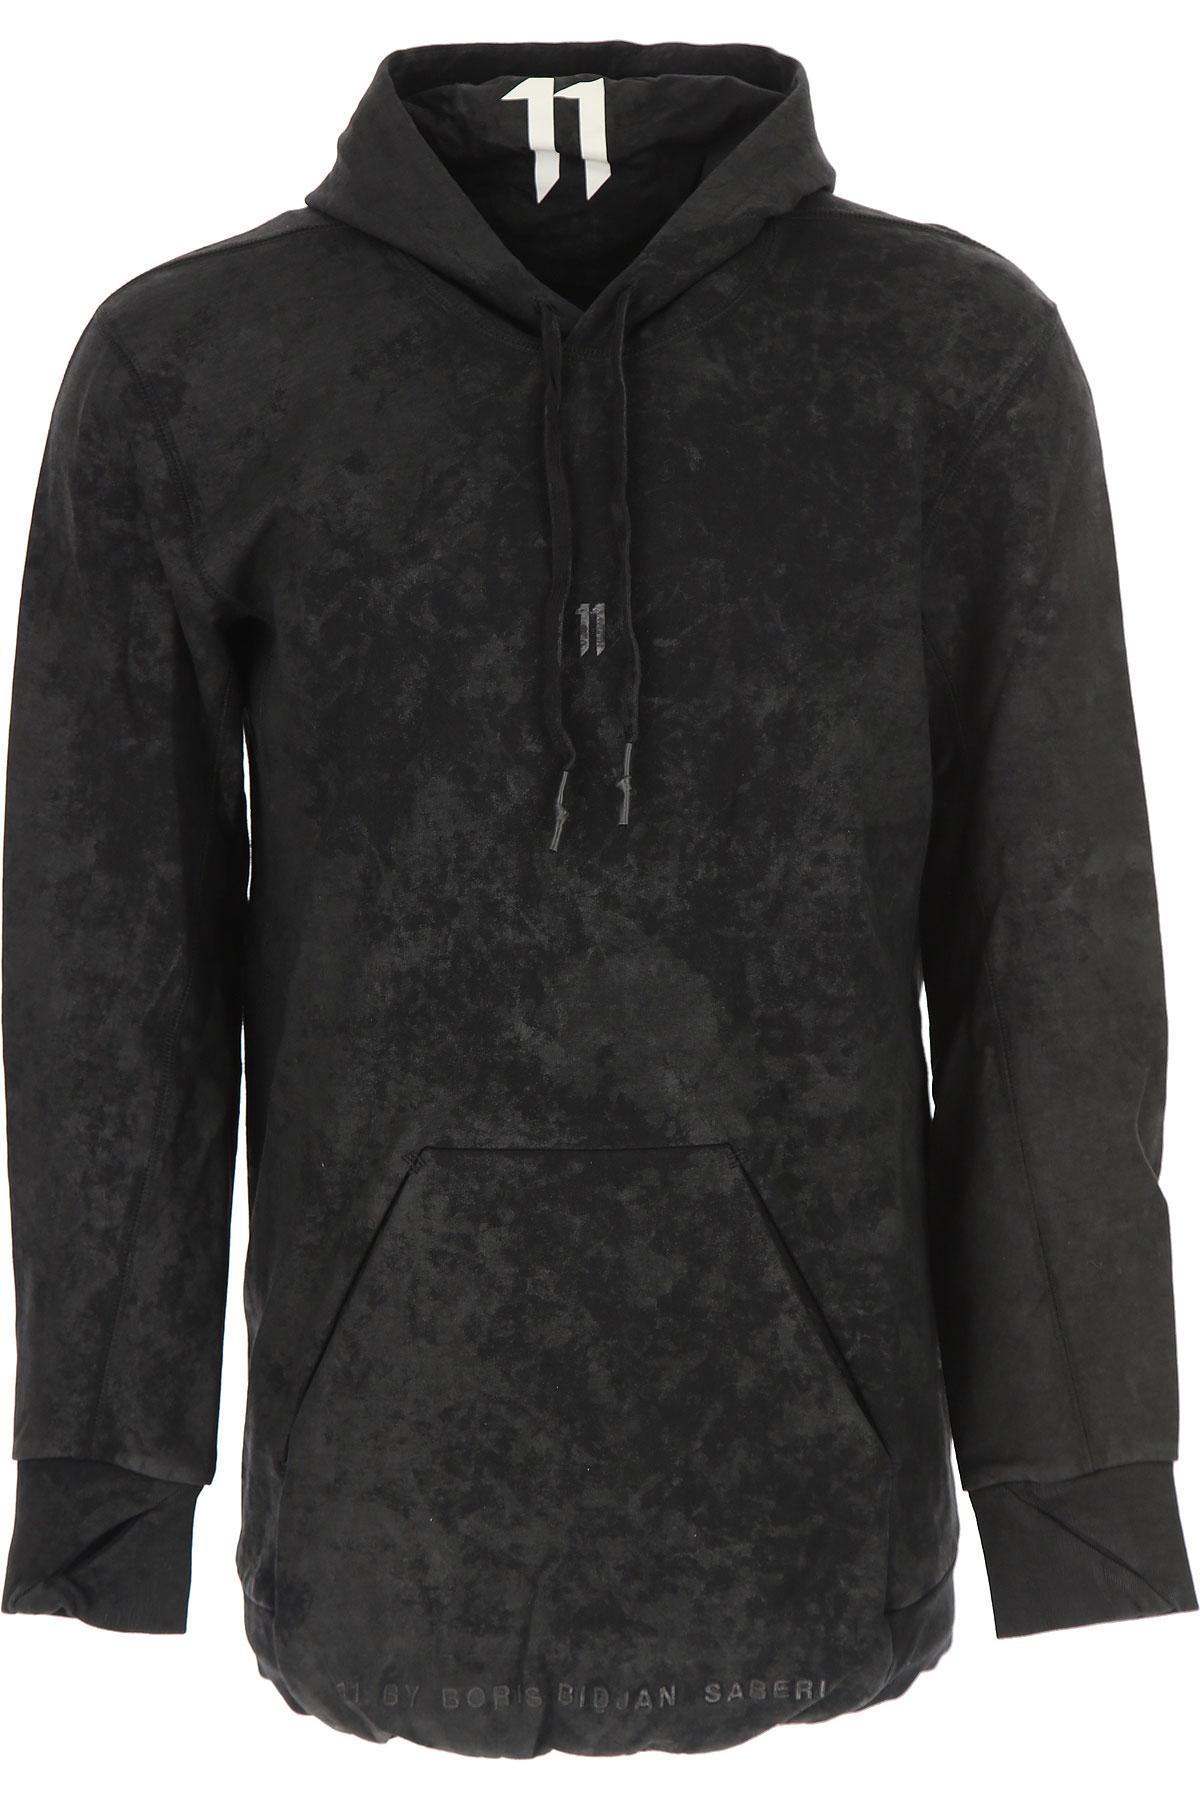 Image of 032c Sweatshirt for Men, Black, Cotton, 2017, L M S XL